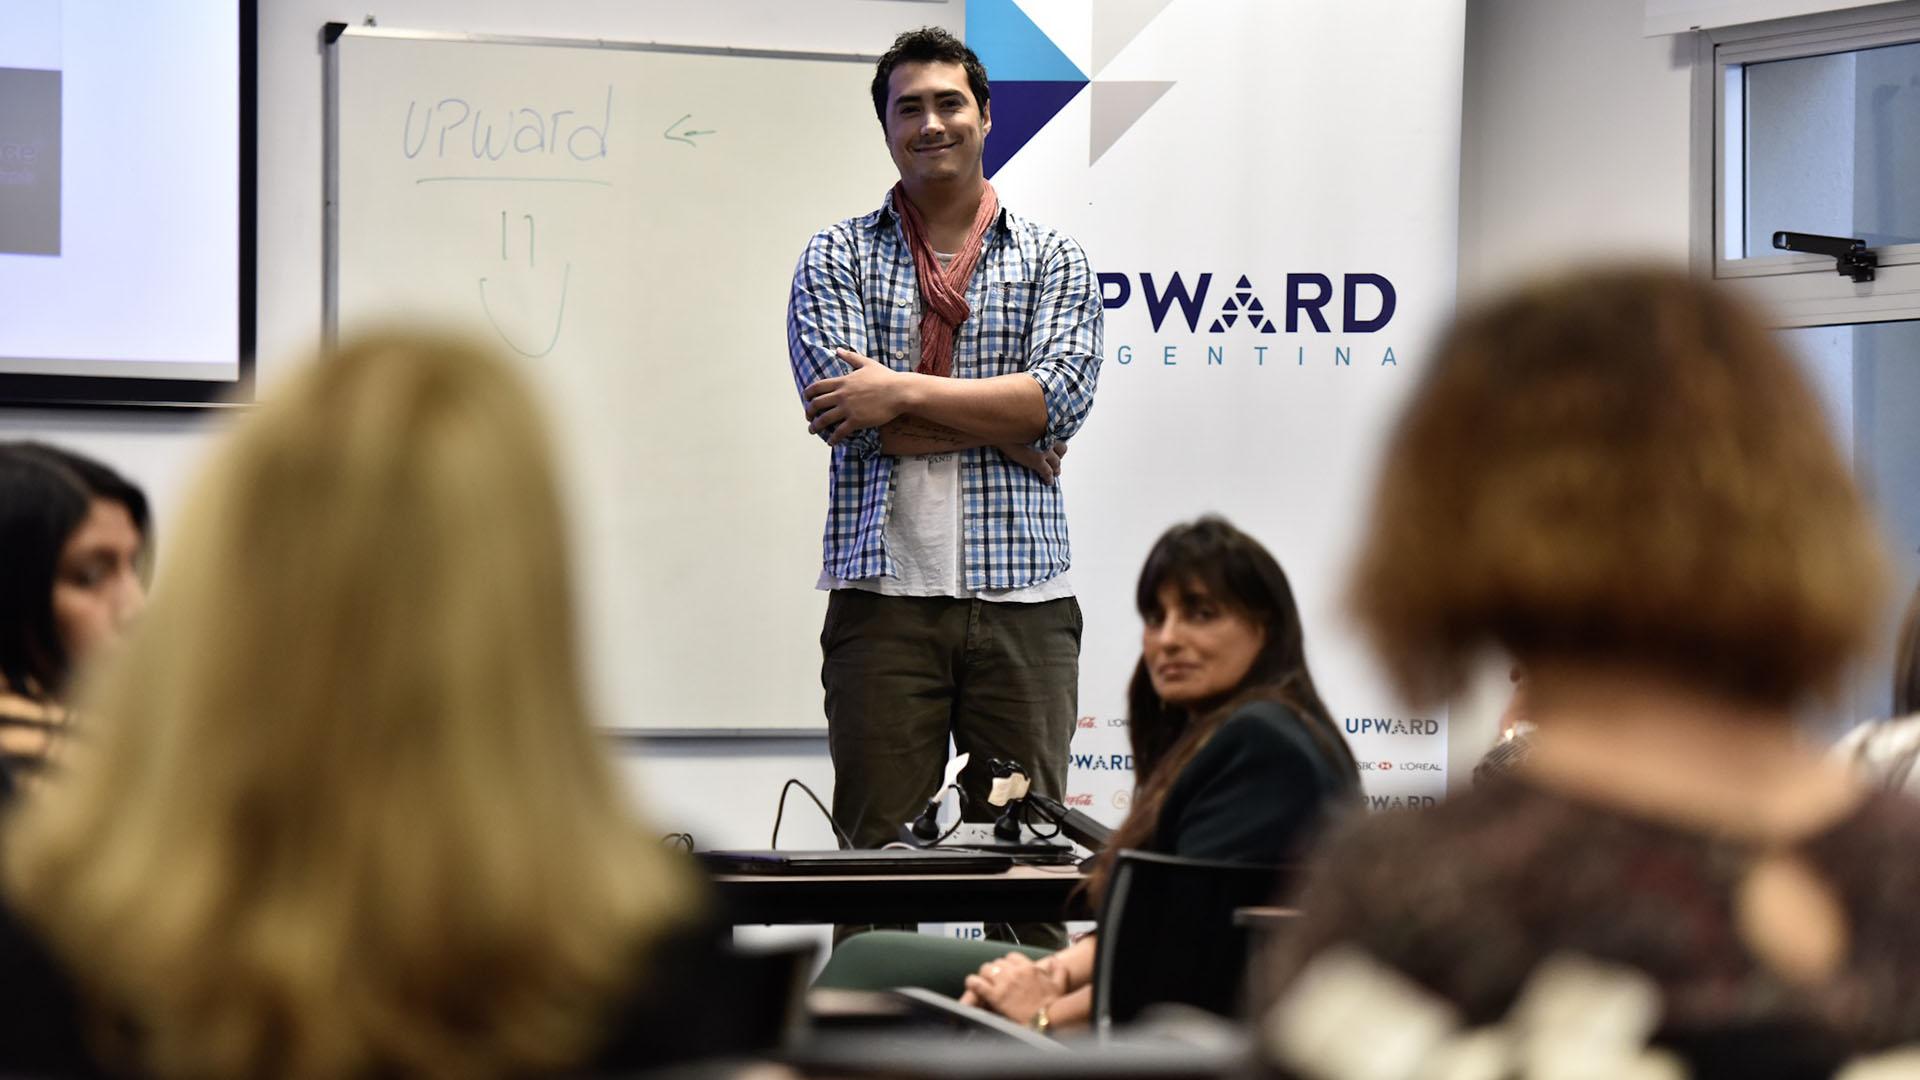 José María Delay, licenciado en Comunicación Social y profesor de Digital House, ofreció la charla sobre negocios digitales (Adrián Escandar)